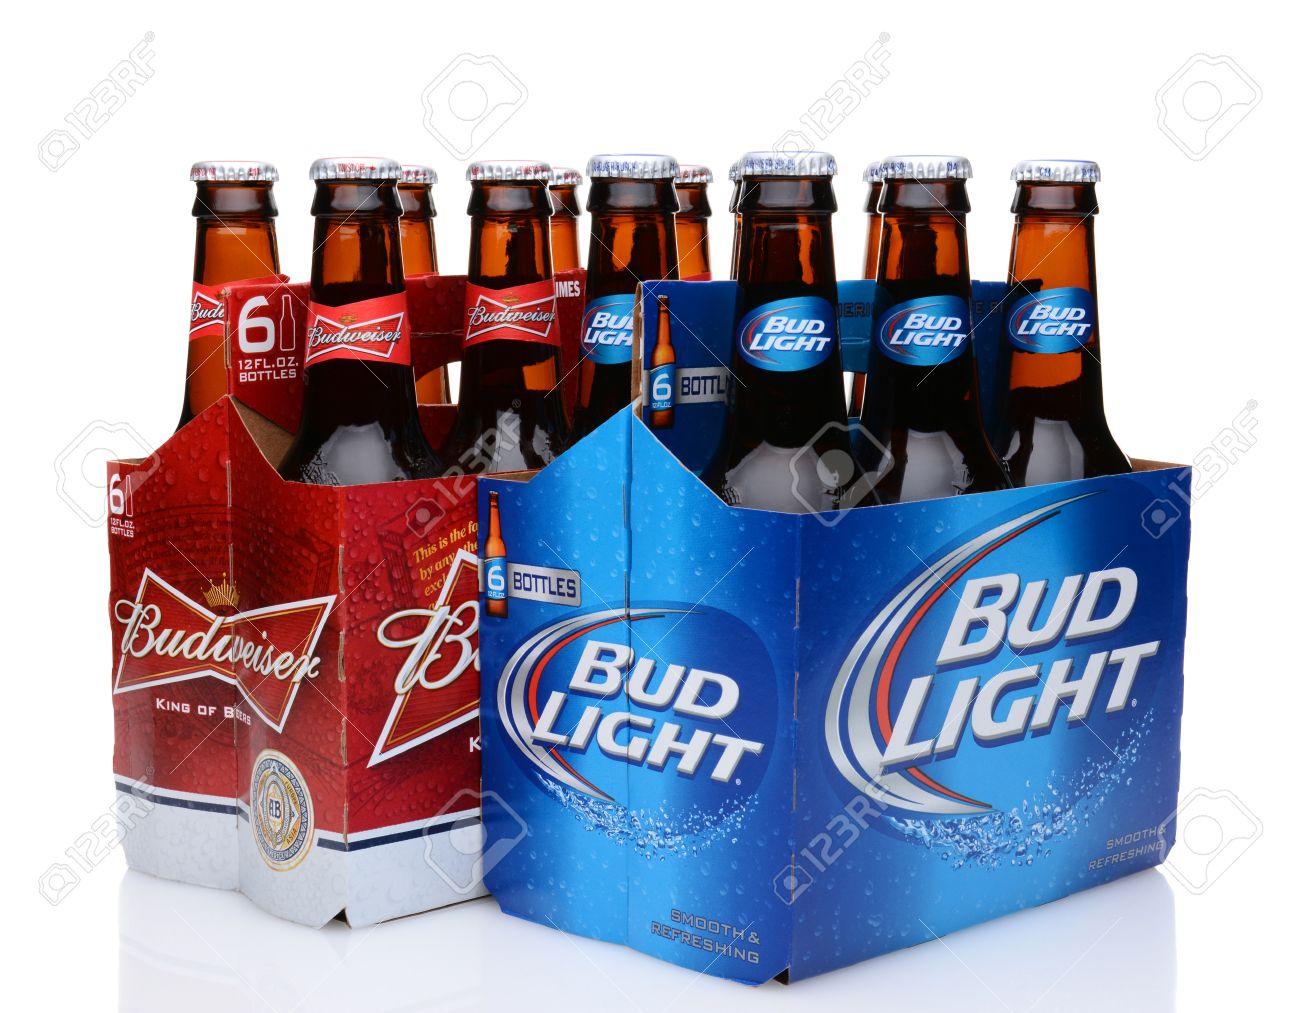 Resultado de imagen para imagen de las cervezas Bud Light, Budweiser y Michelob Ultra